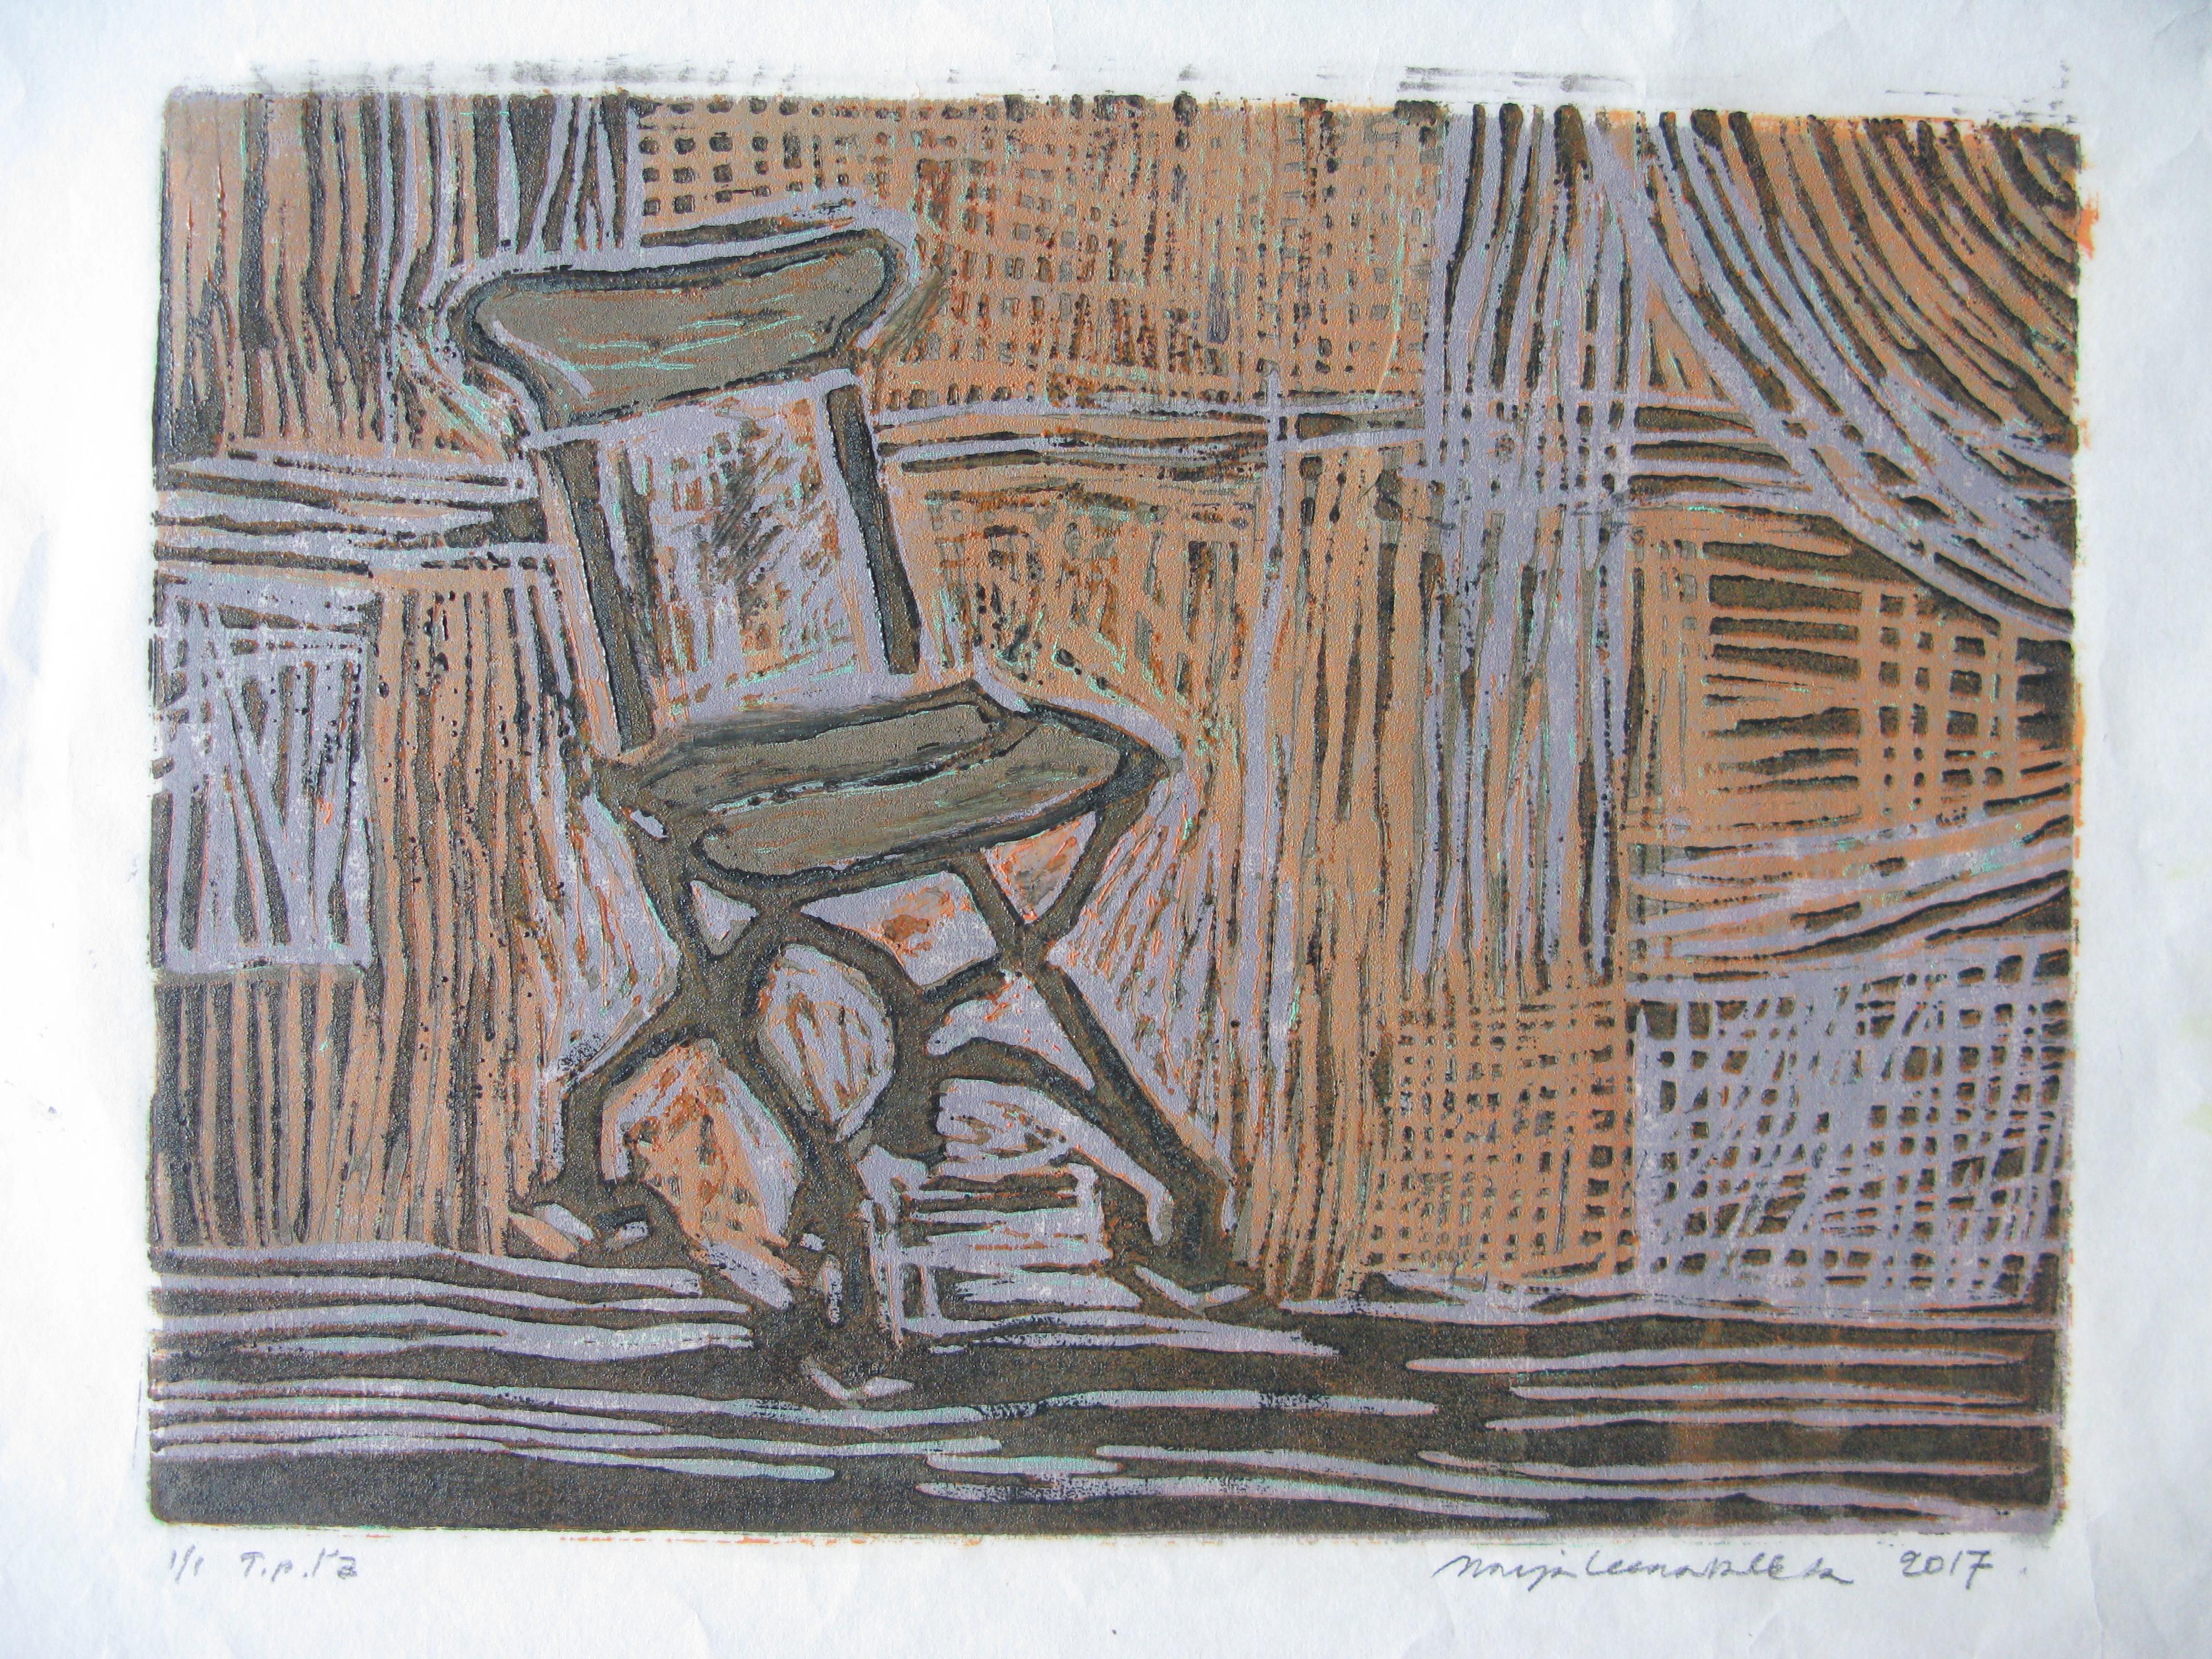 Graafinen tuoli, taustalla viivaa, murrettua sinistä ja oranssia.